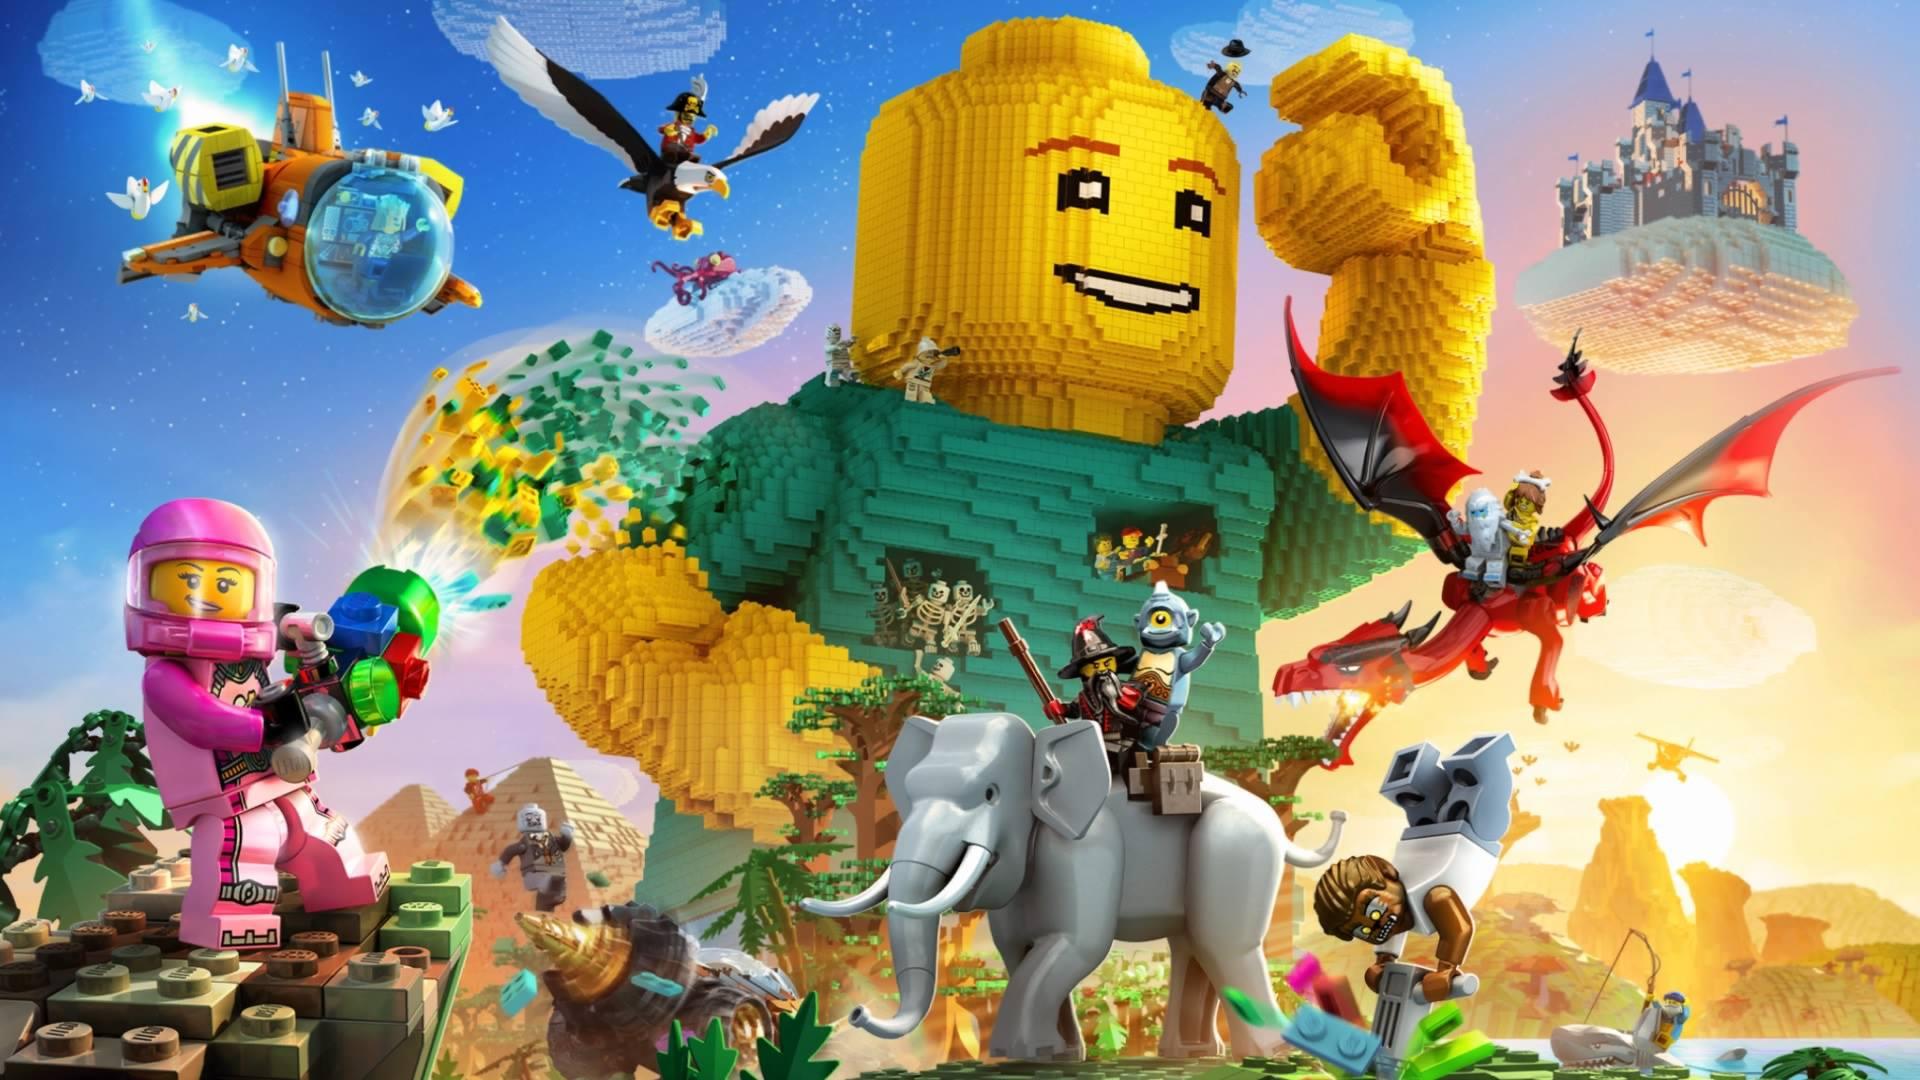 Die andere Art mit Lego Steinen zu spielen